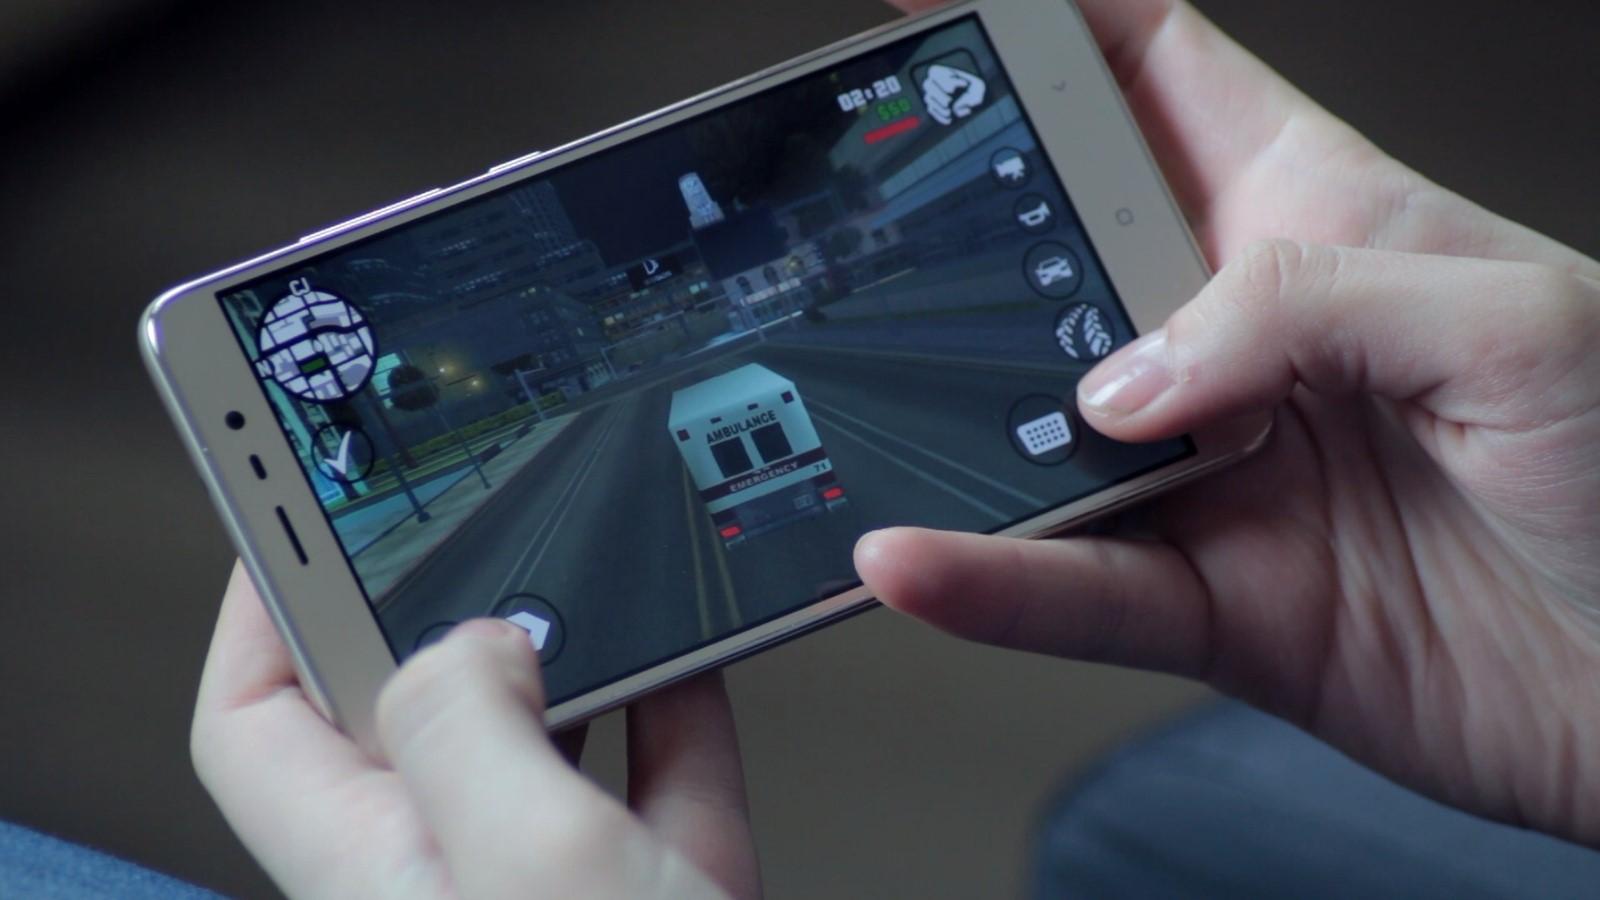 Рис. 4. Использование смартфона для игры.